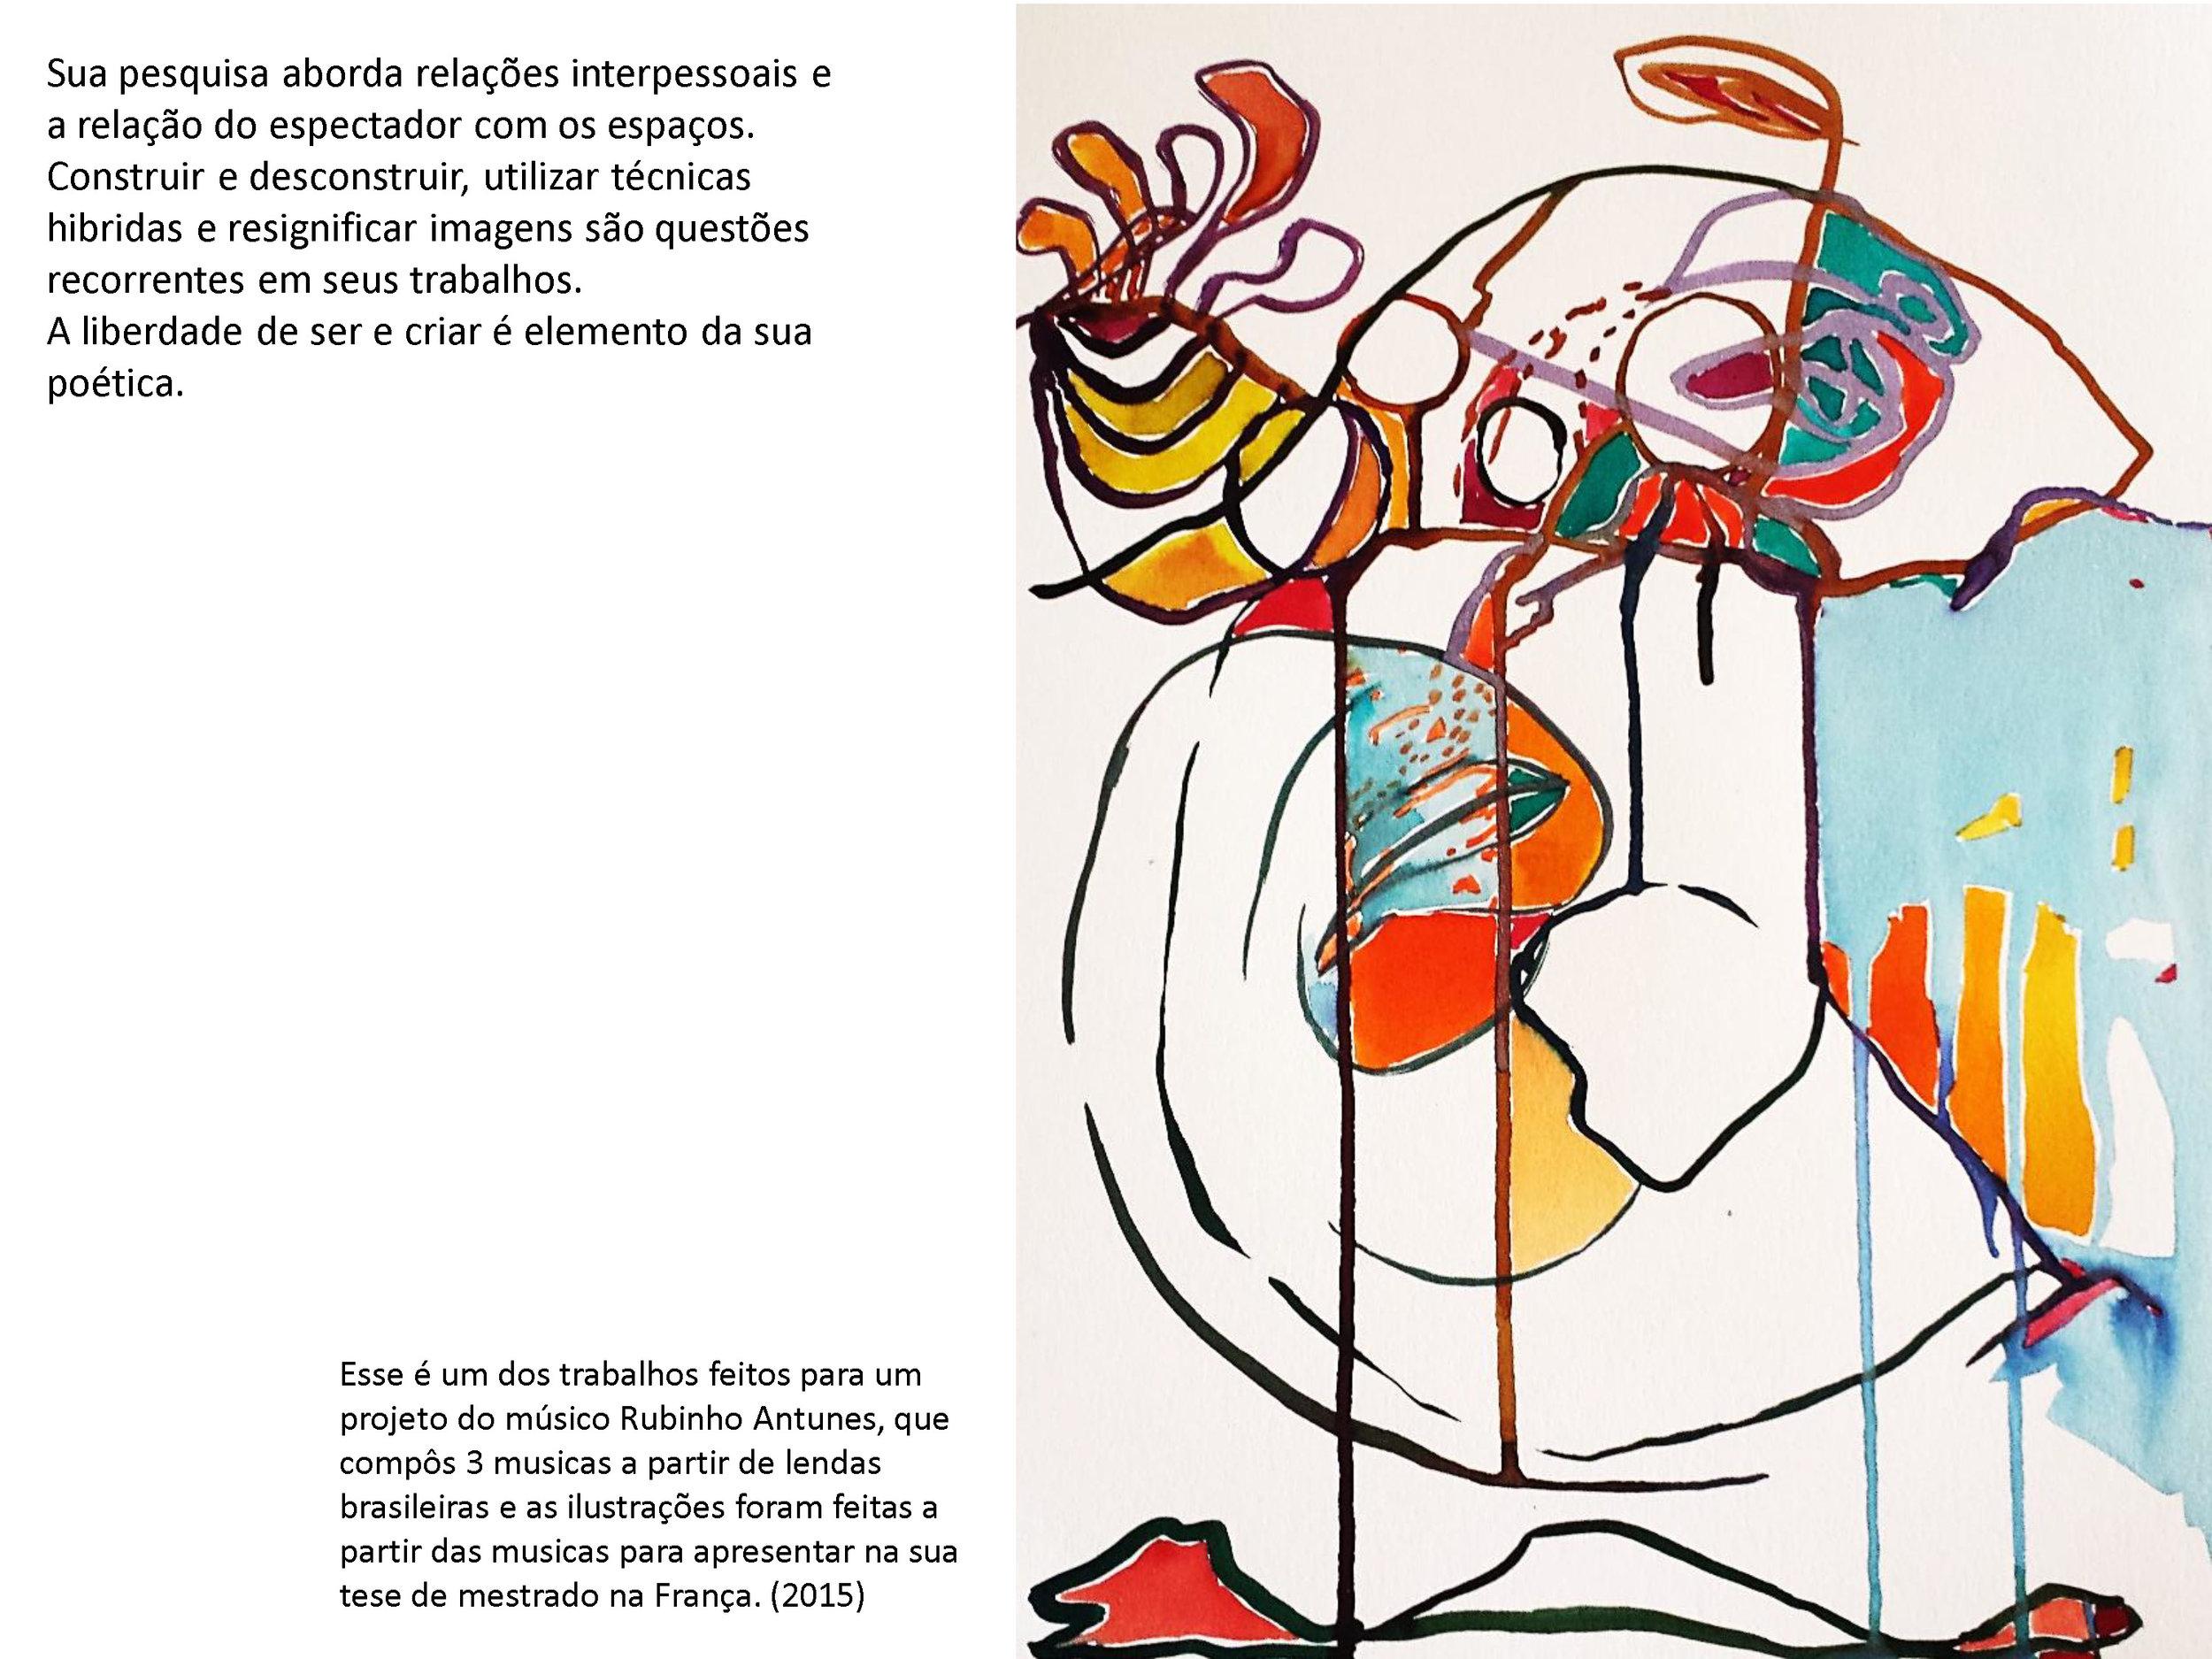 portfólio vms_Página_02.jpg